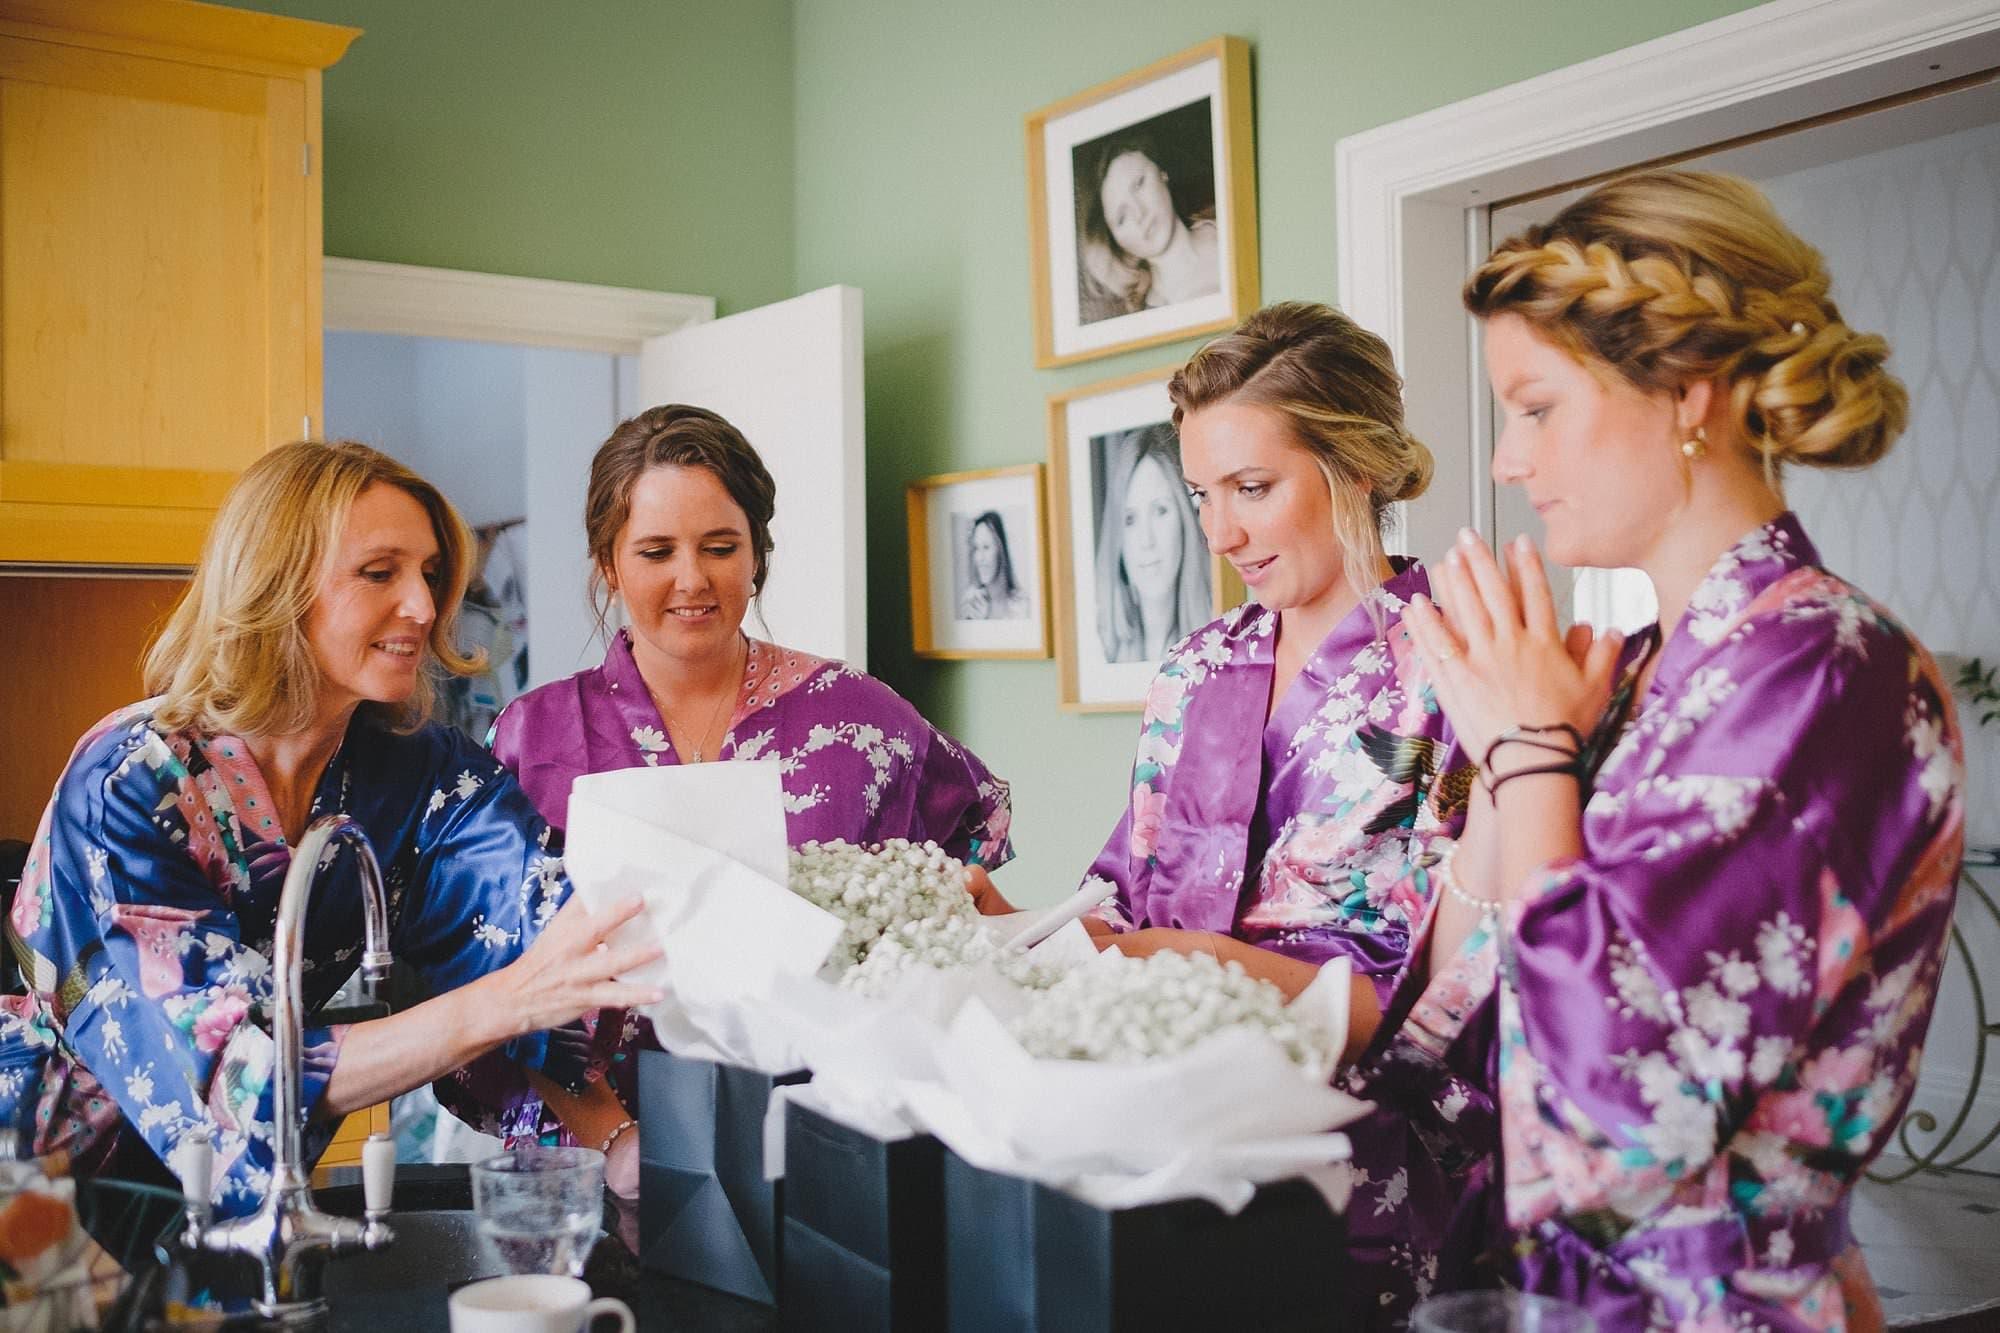 fulham palace wedding photographer 014 - Rosanna + Duncan | Fulham